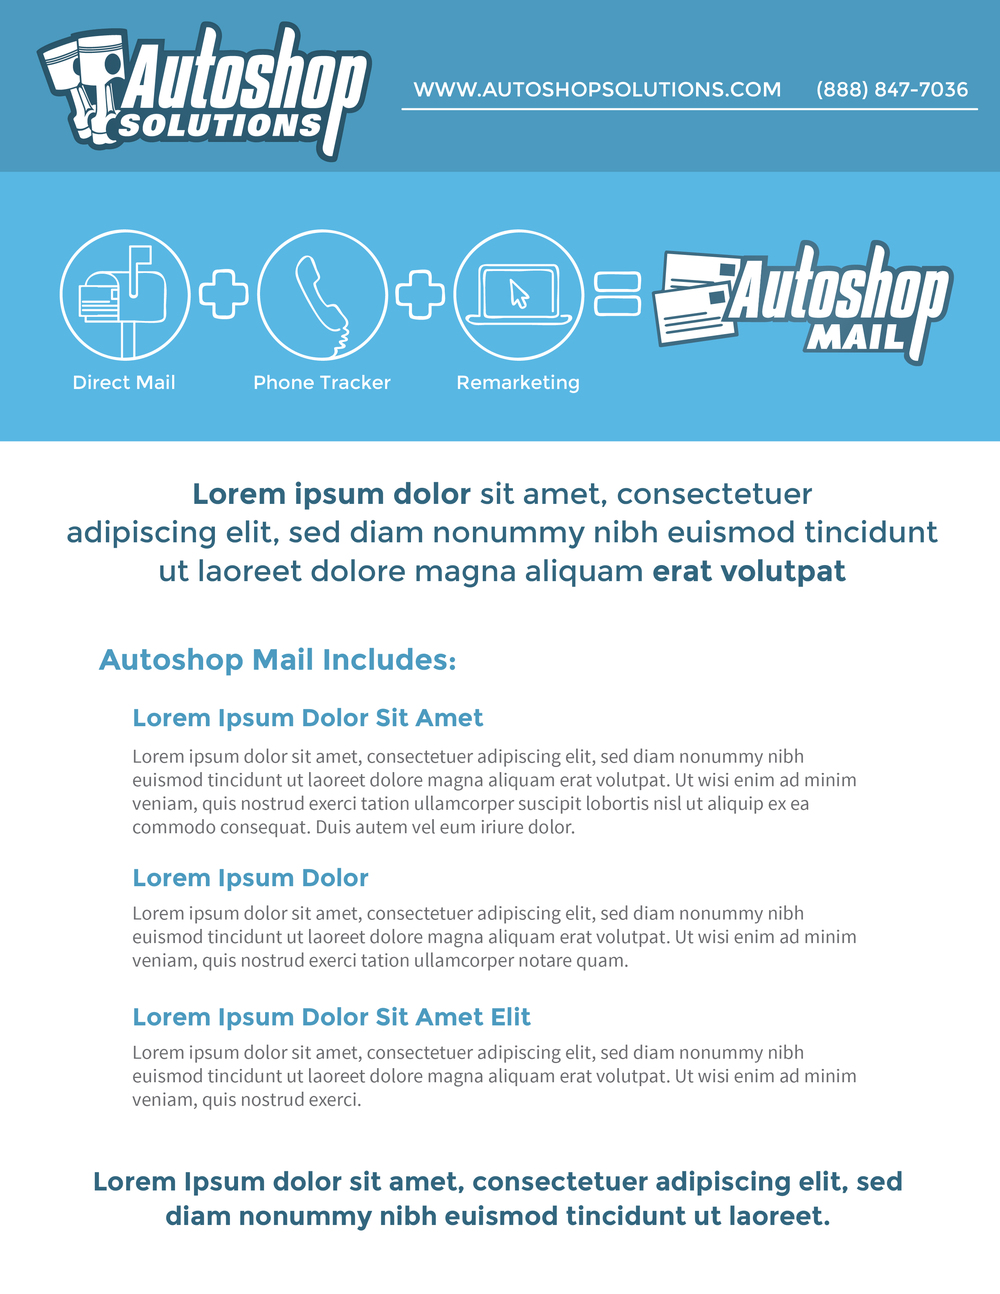 Autoshop Solutions Inc: Autoshop Mail PDF - Page 1